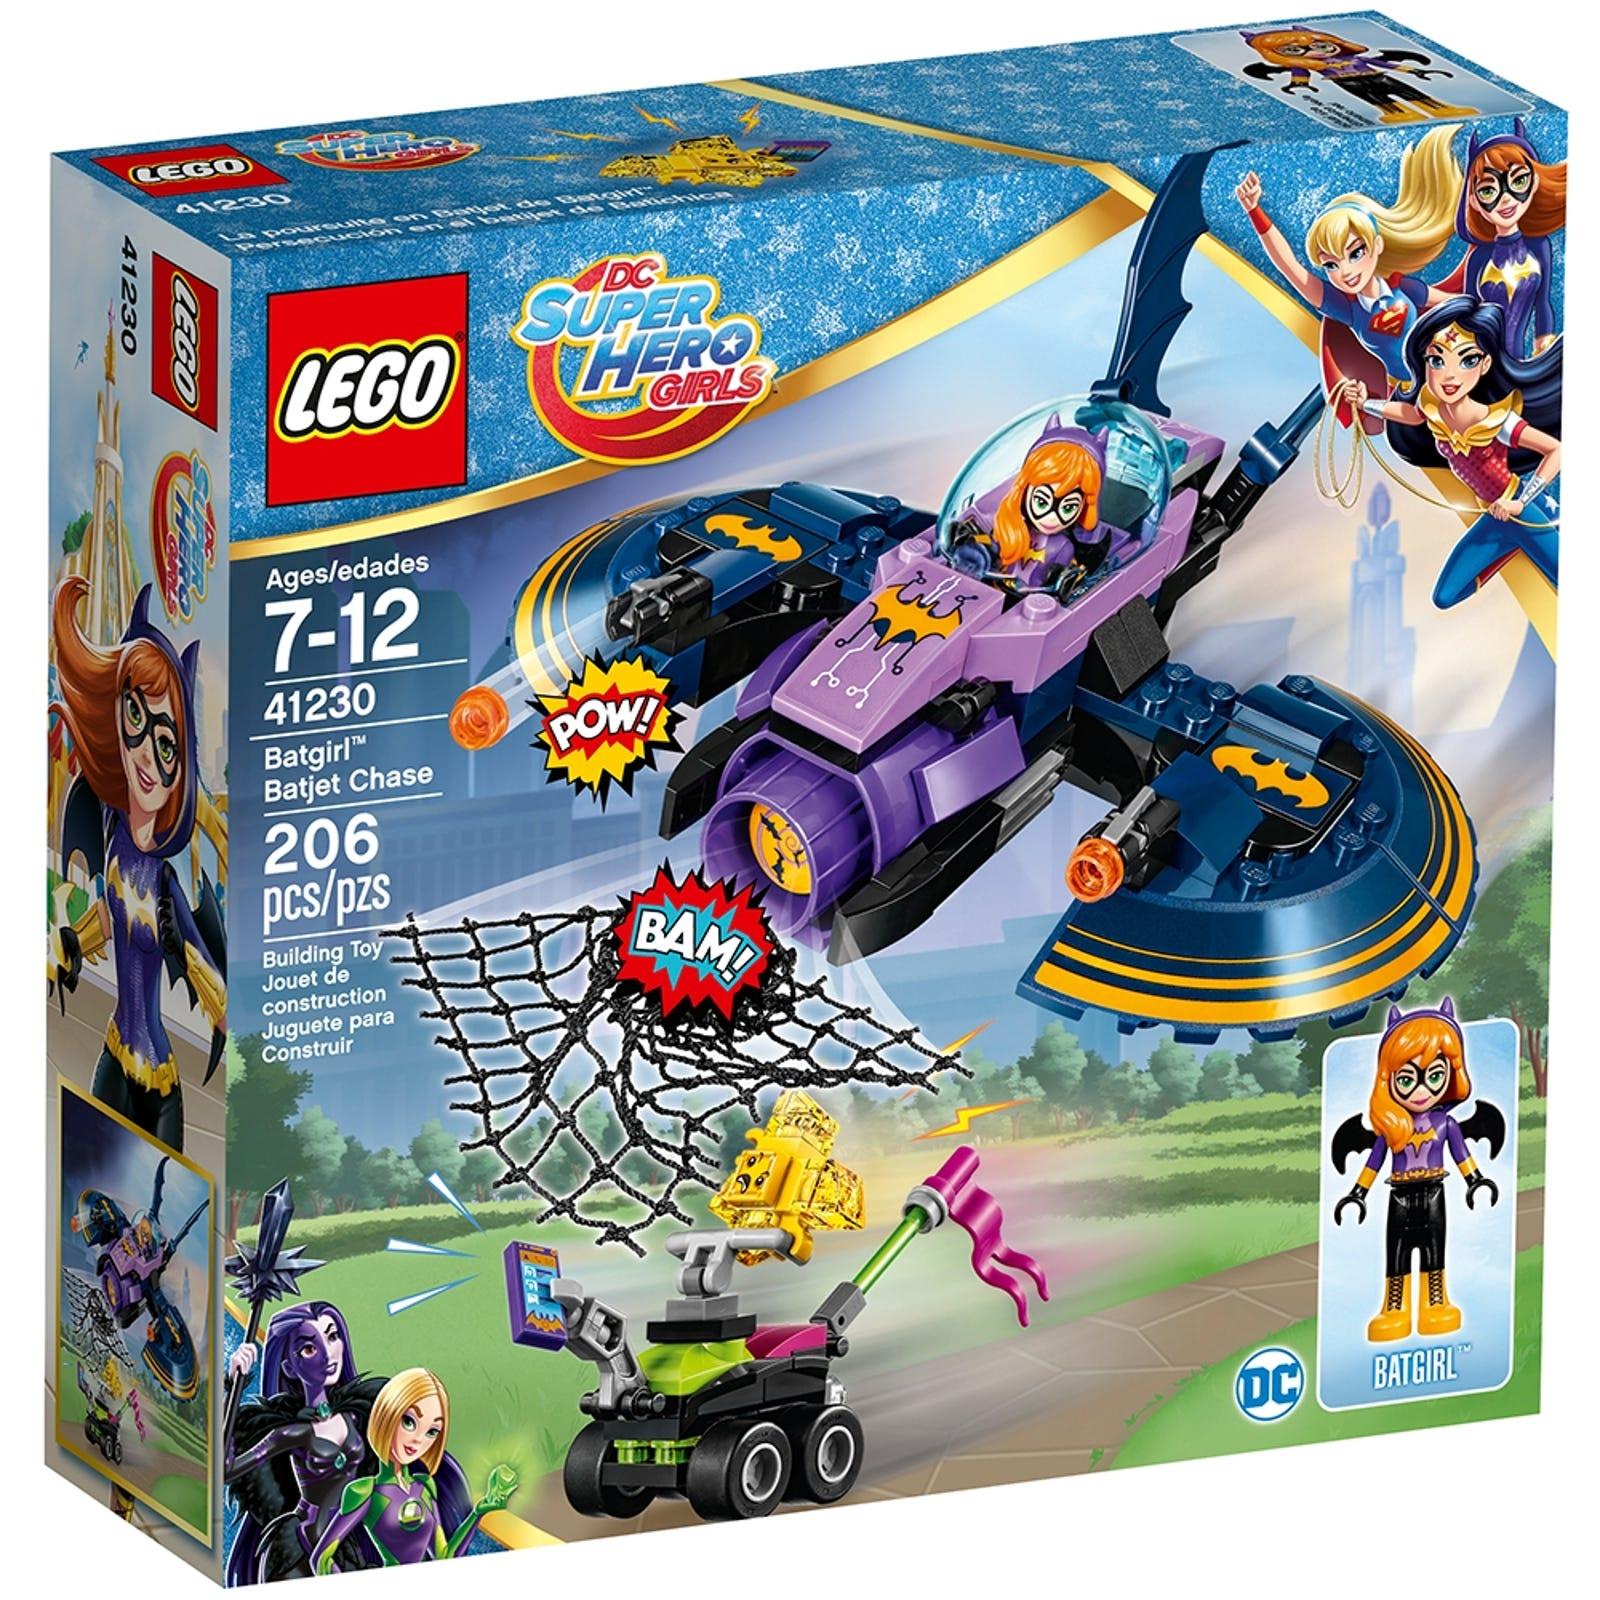 Batgirl Batjet Chase 41230 Dc Super Hero Girls Buy Online At The Official Lego Shop Pt